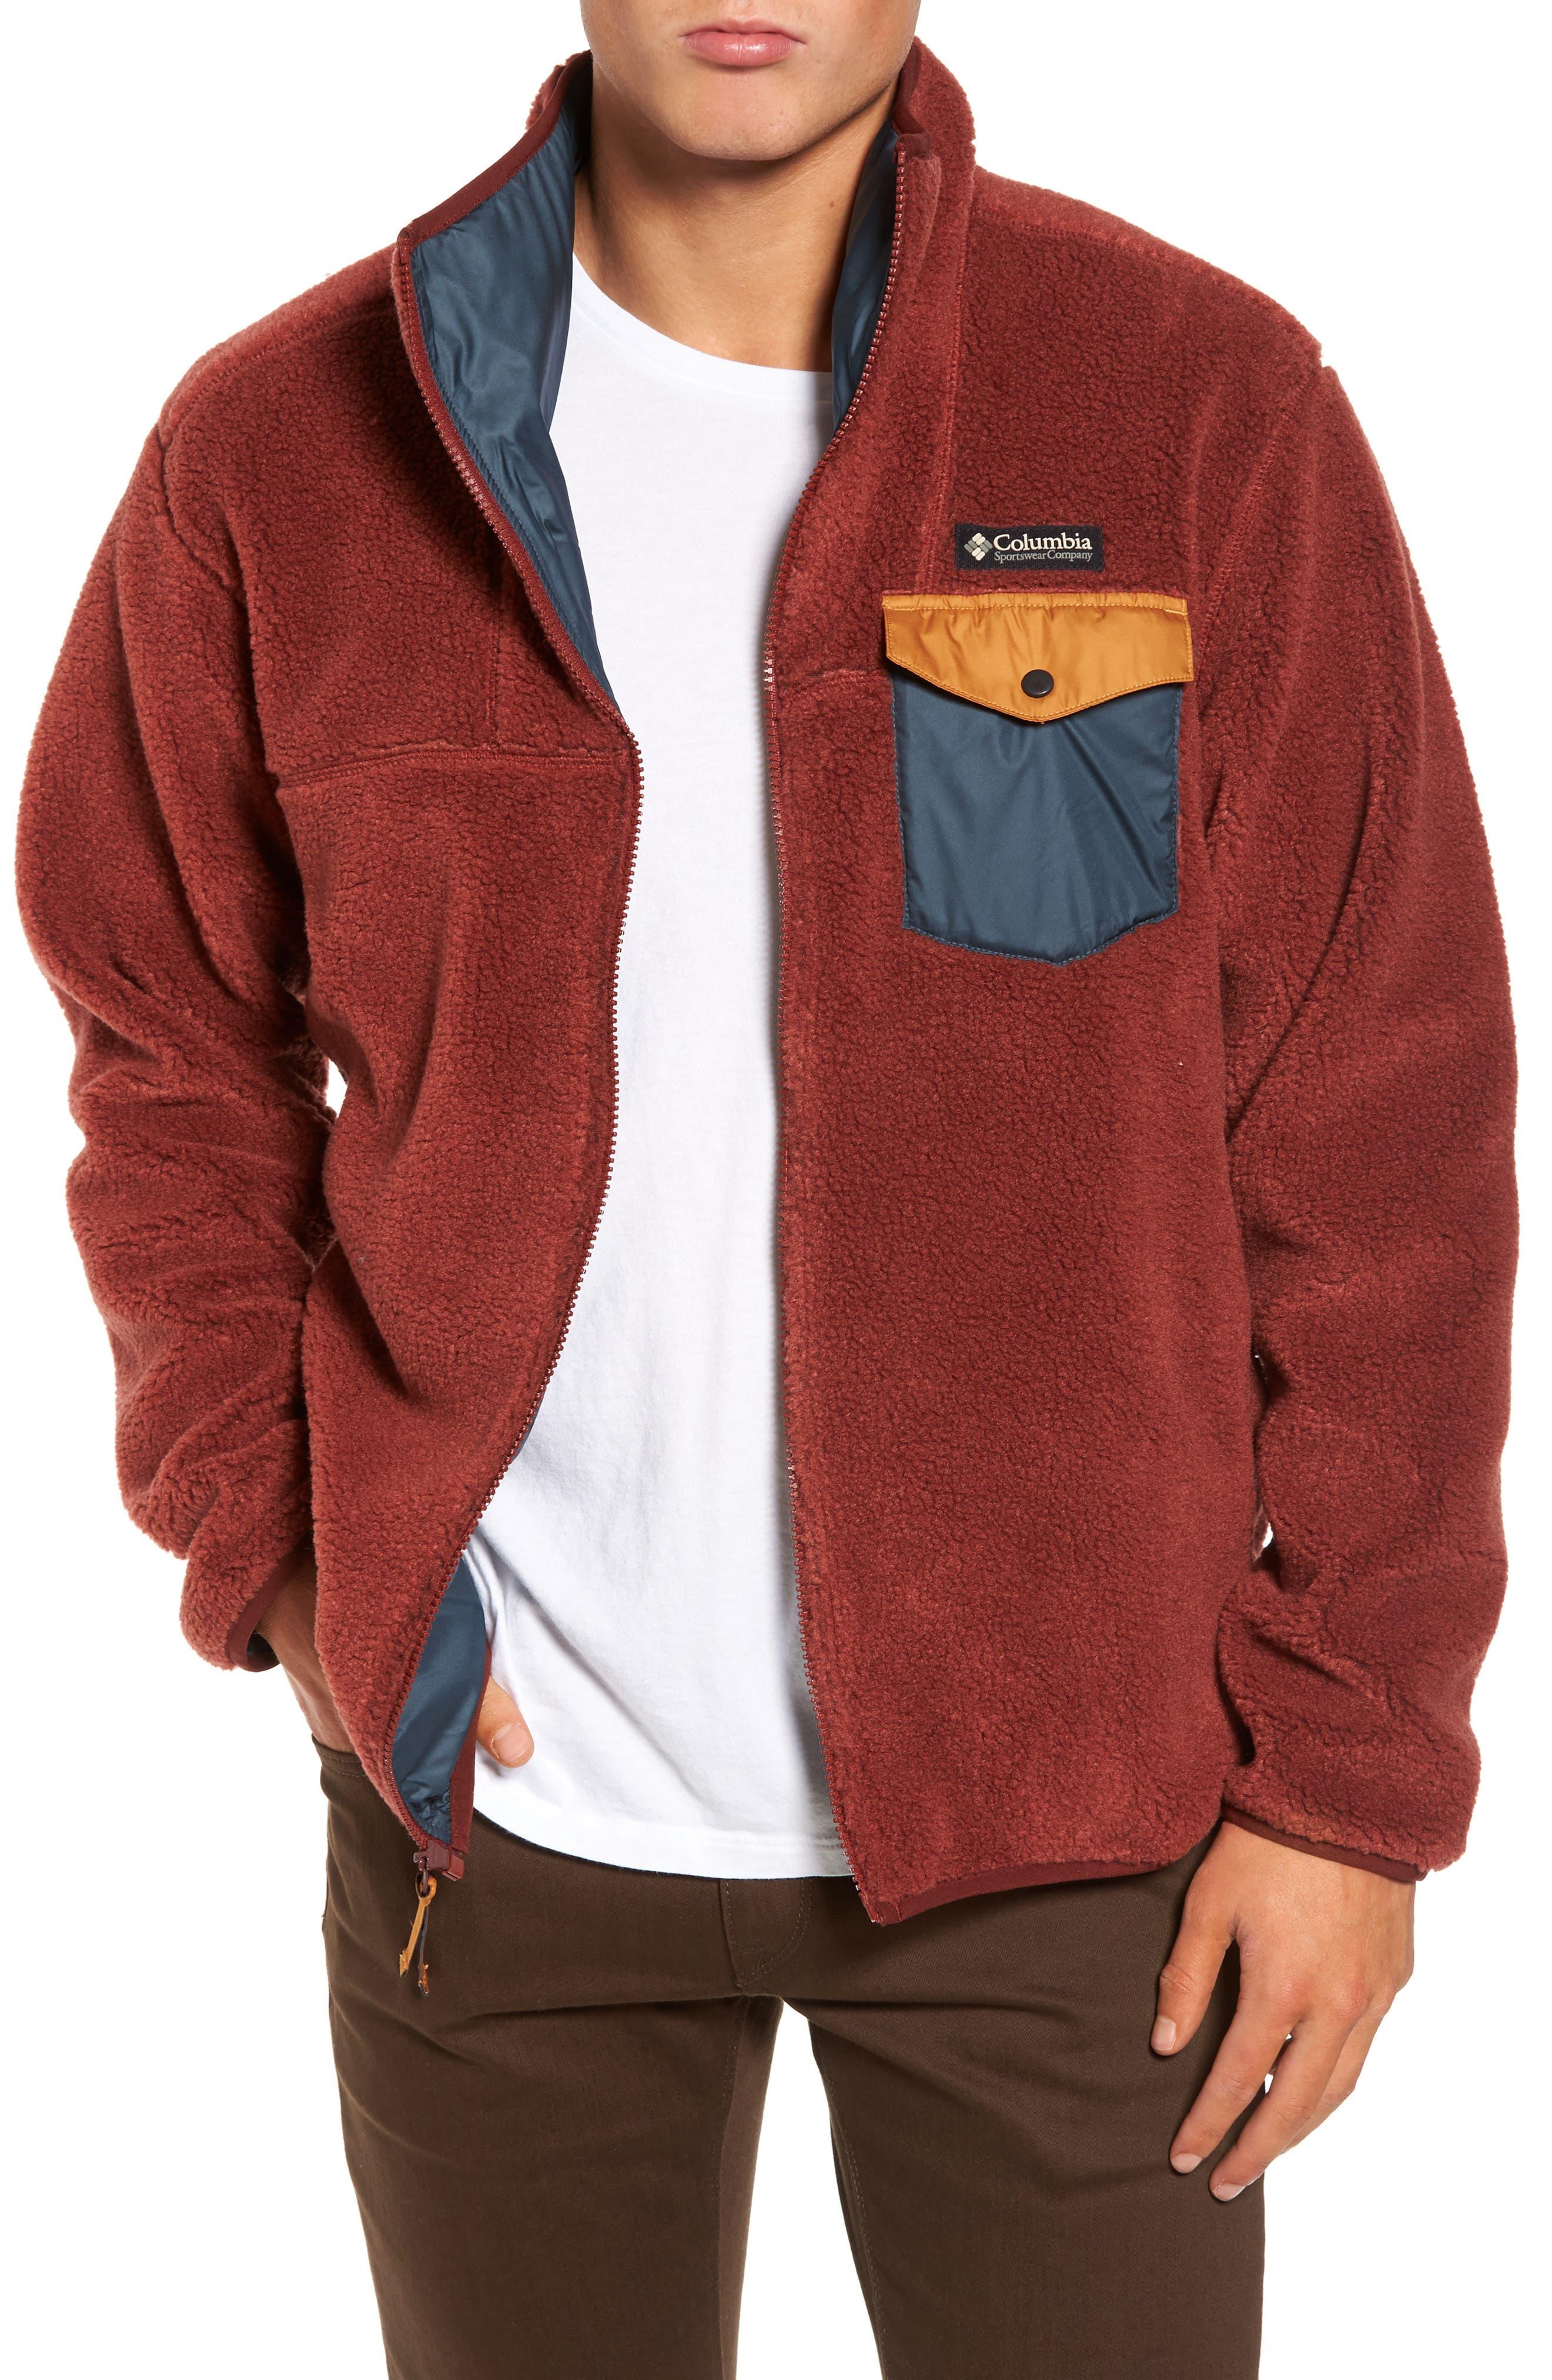 Columbia Mount Tabor Pocketed Fleece Jacket